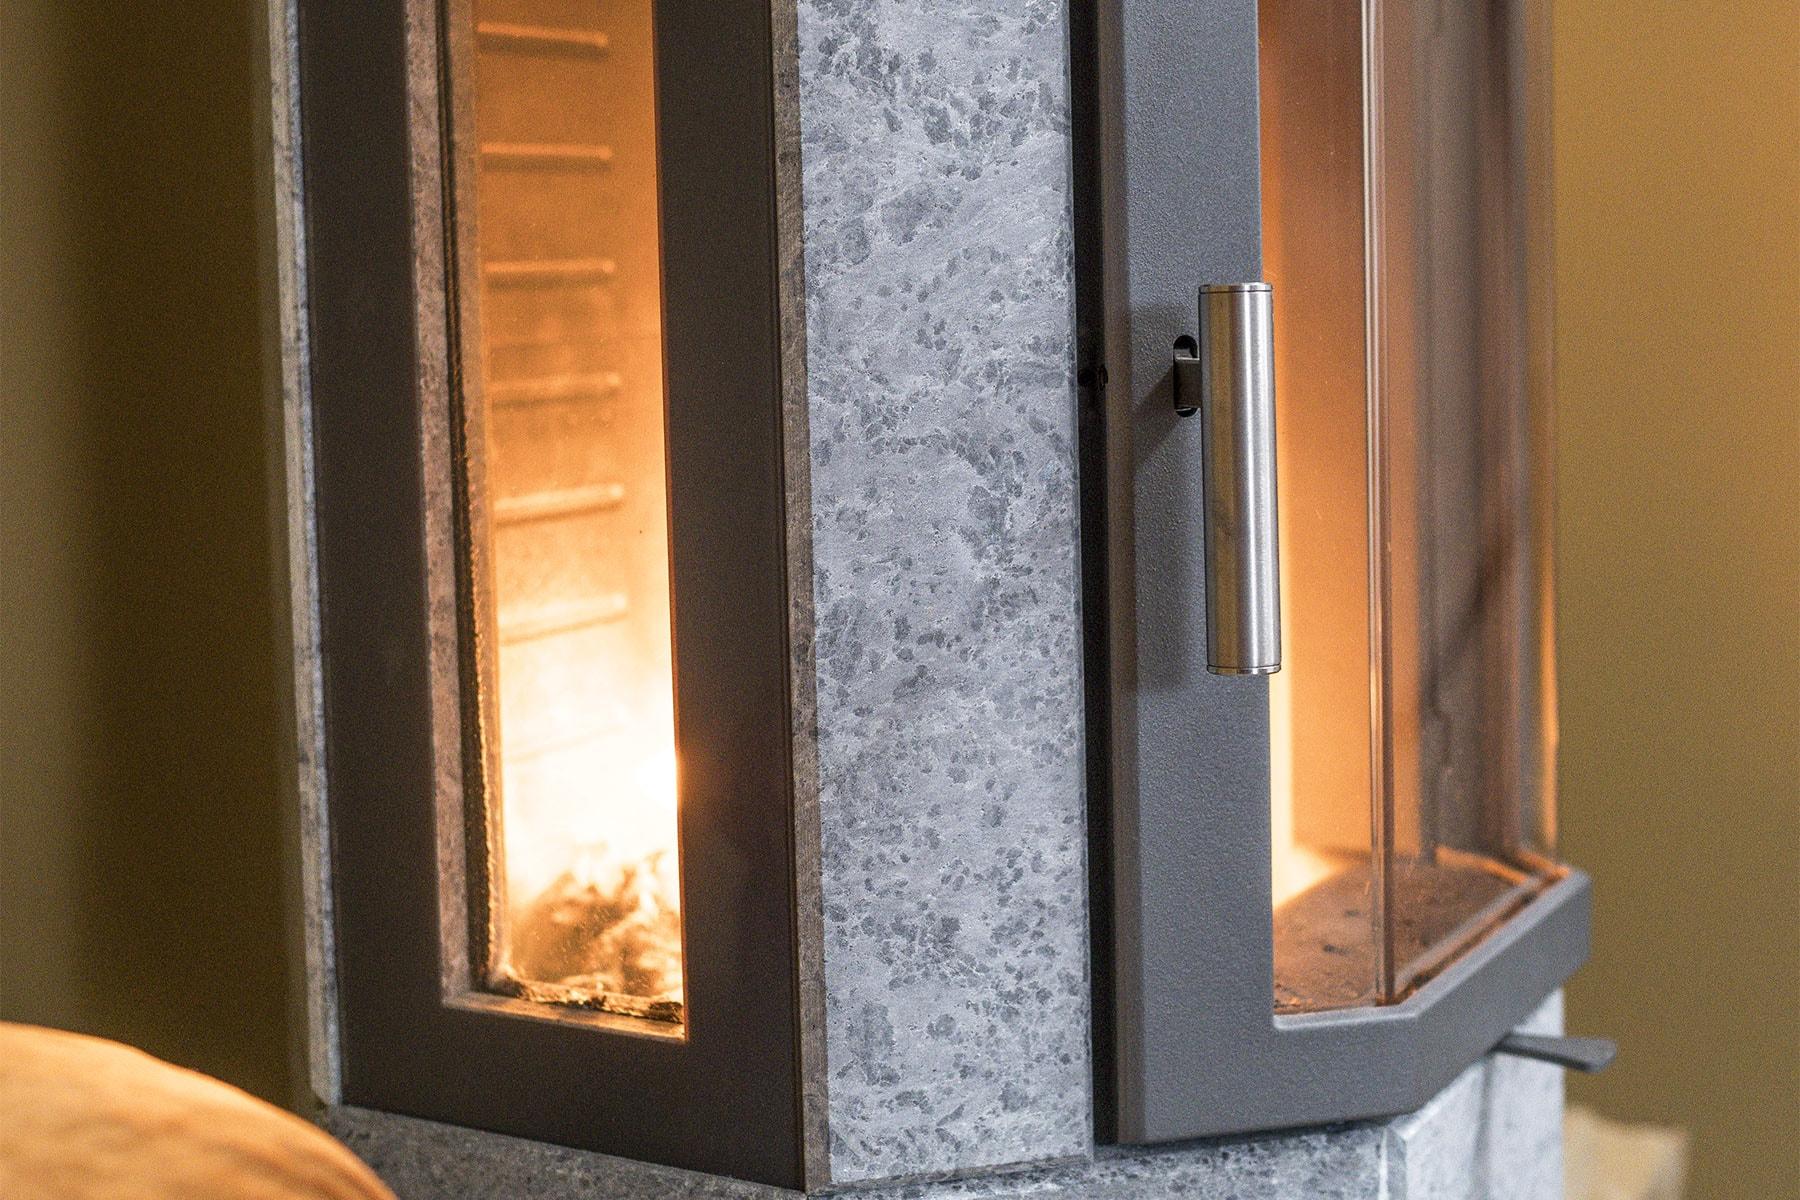 Sideglass gir et flott innsyn. Sideglassene er elegant inn trukket en centimeter og så felt direkte inn i steinen, uten bruk av metallkarm. Dette gir ovnen et stilrent og høykvalitets uttrykk.